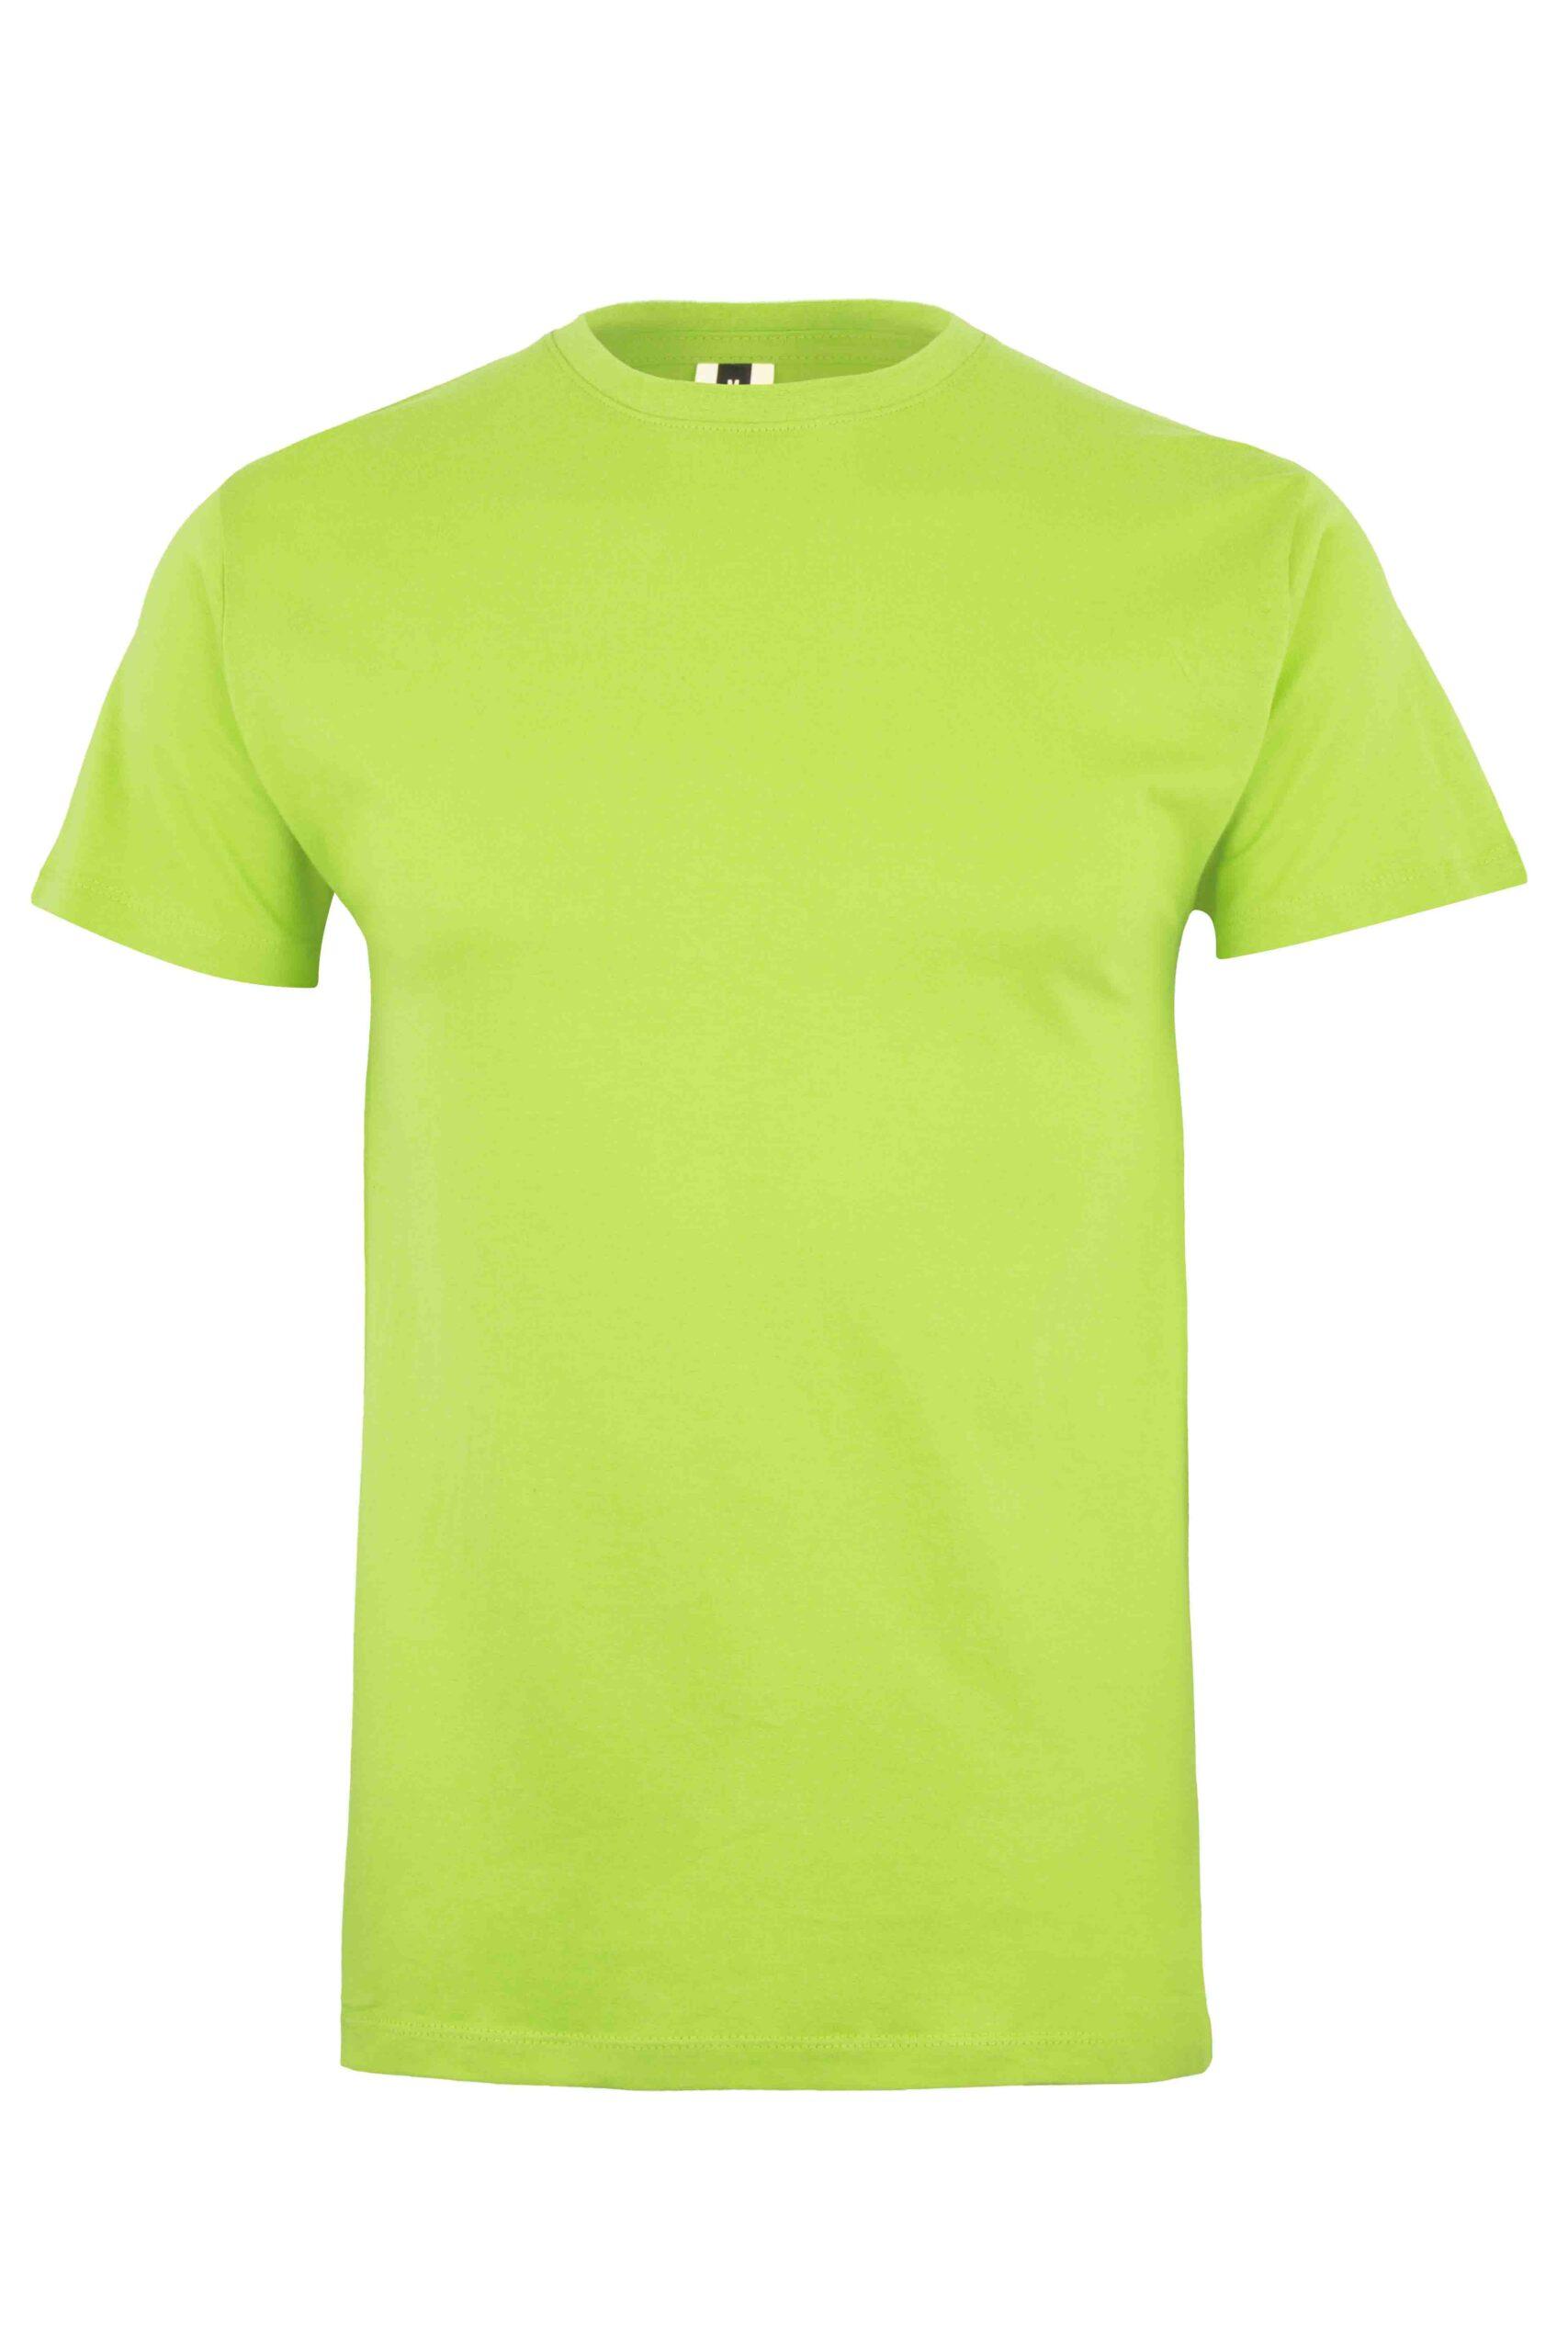 Mukua Mk022cv Camiseta Manga Corta 150gr Lime